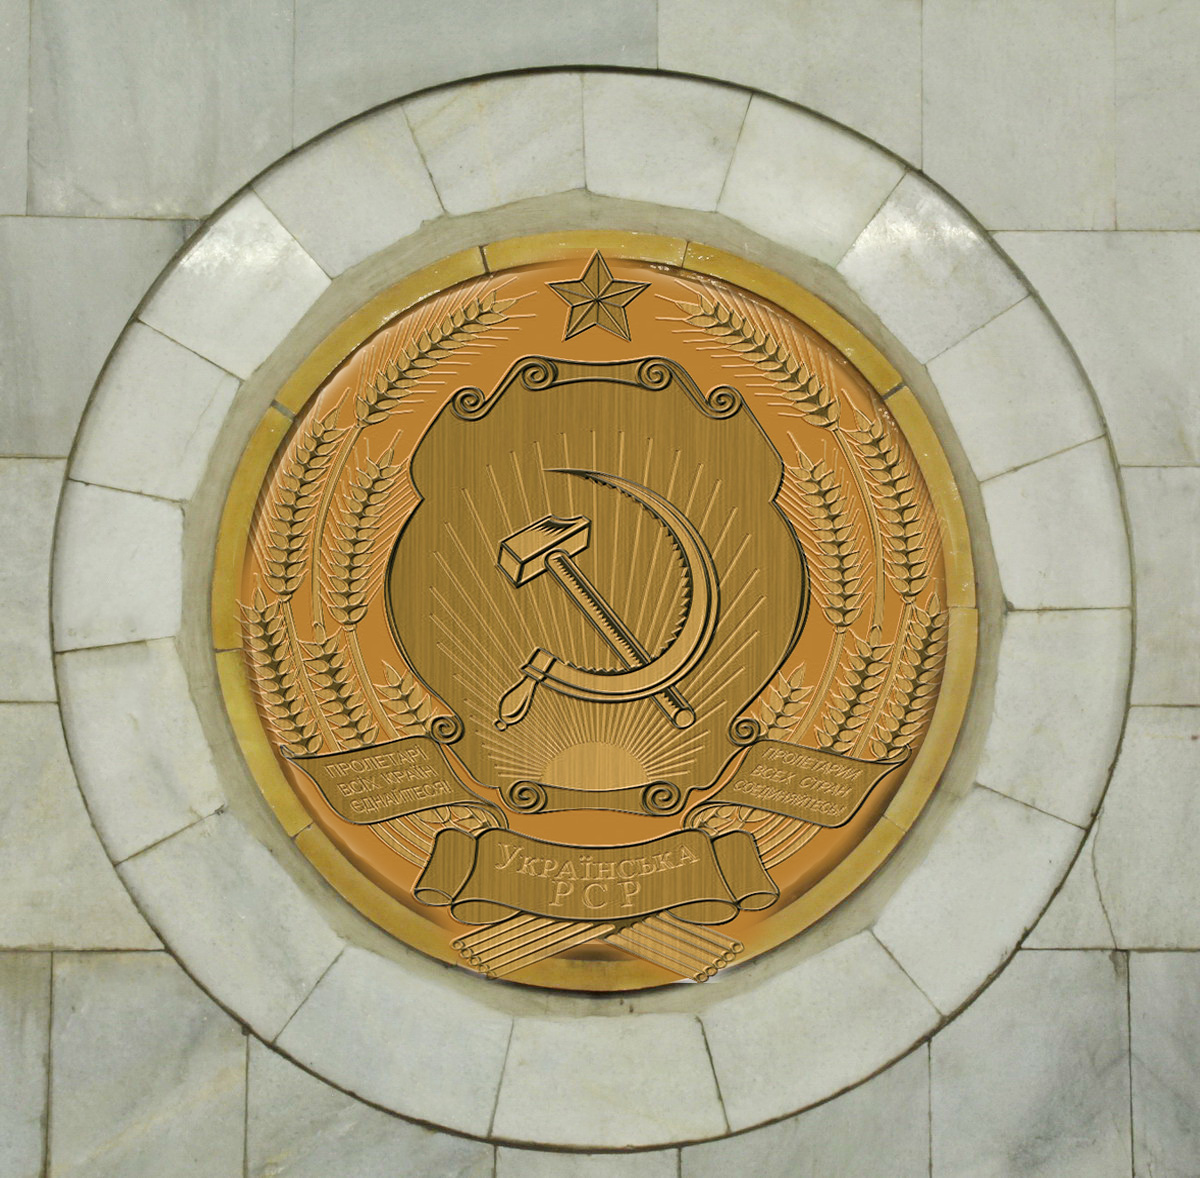 Герб Украинской ССР